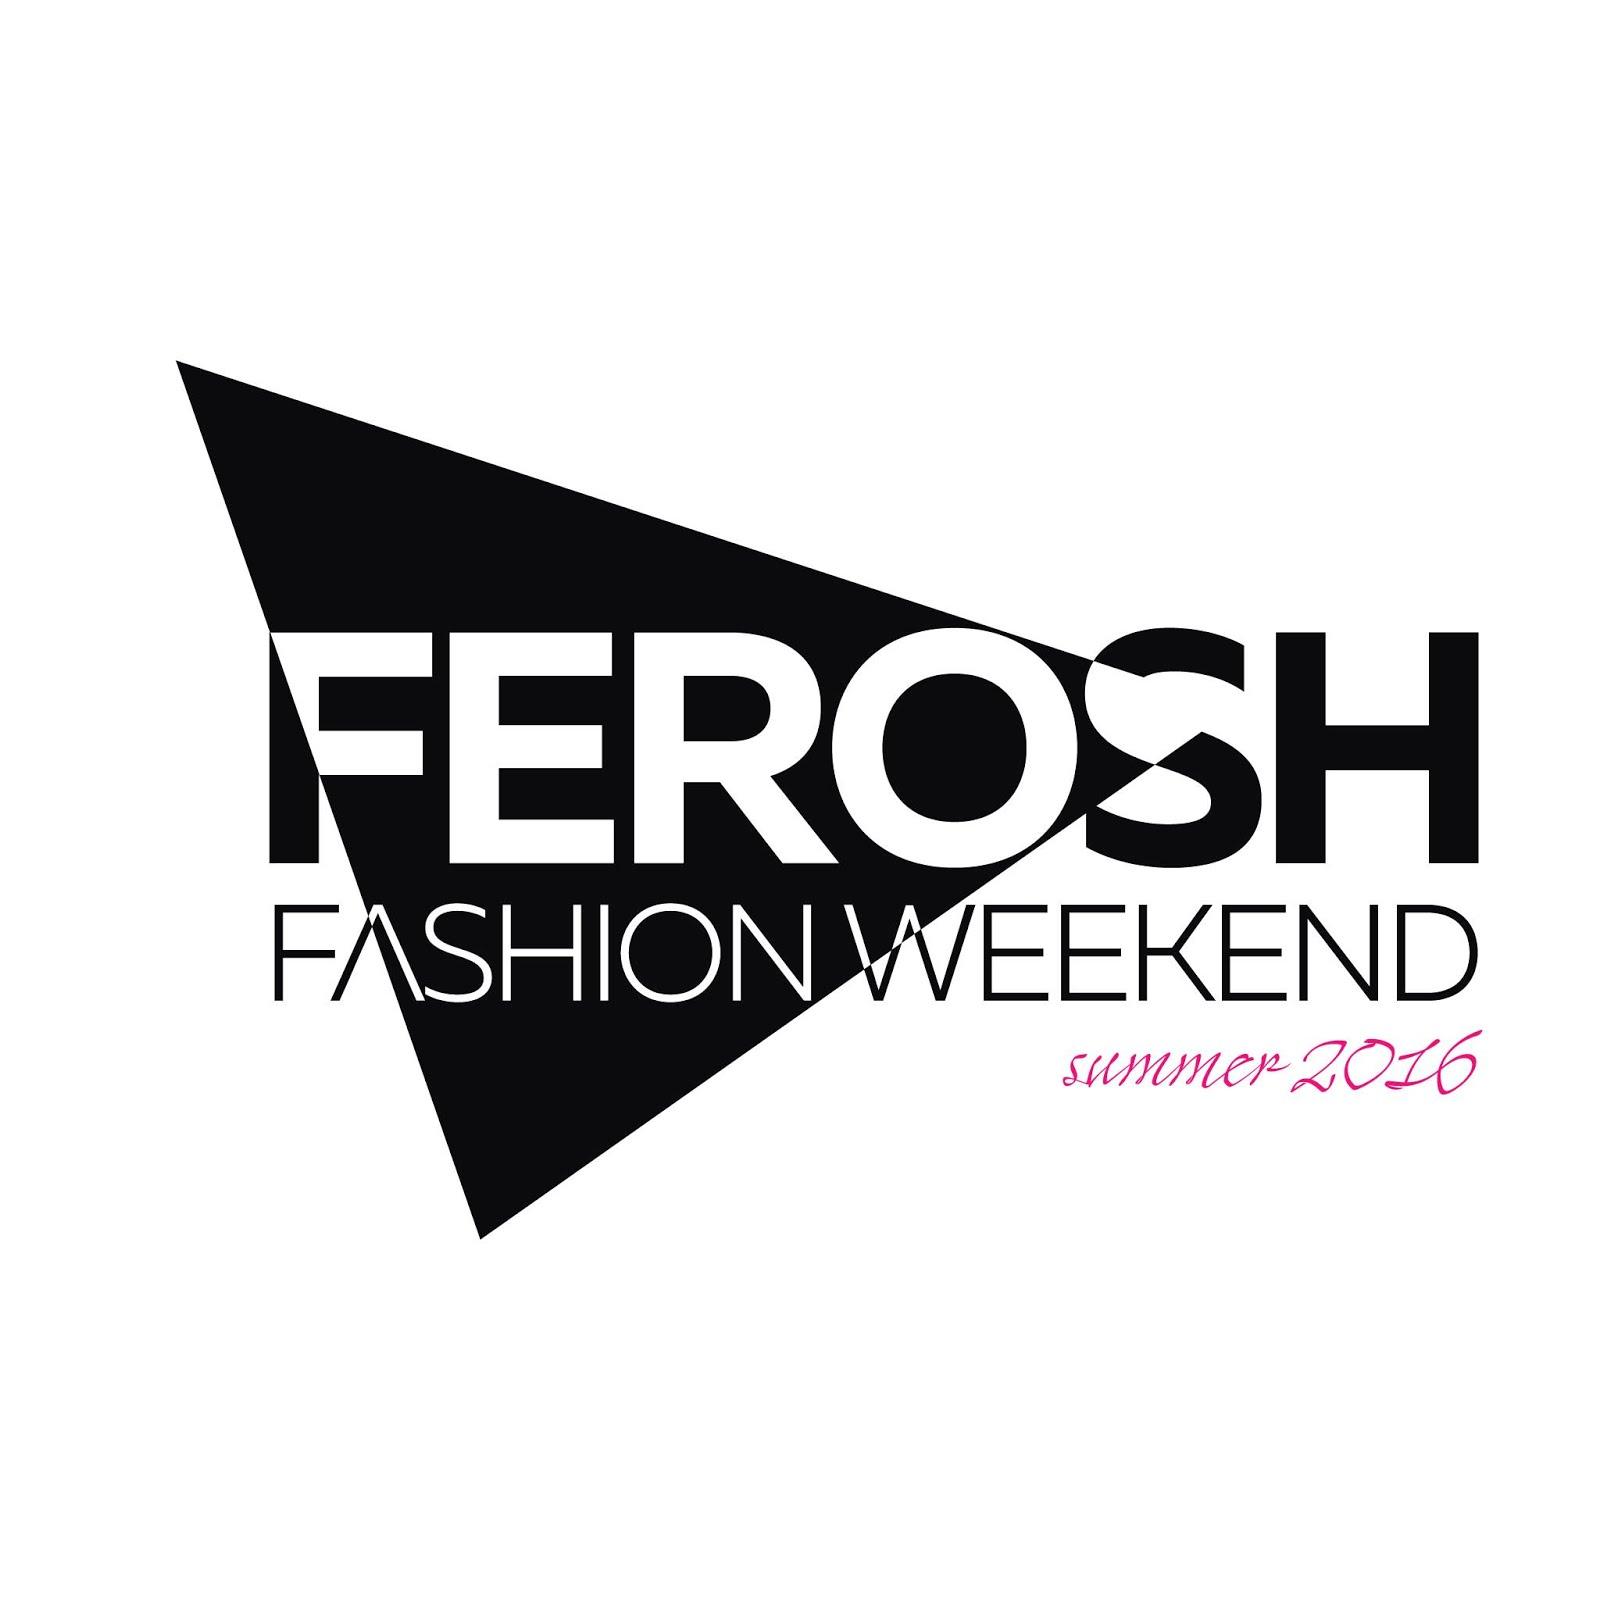 Ferosh Fashion Weekend